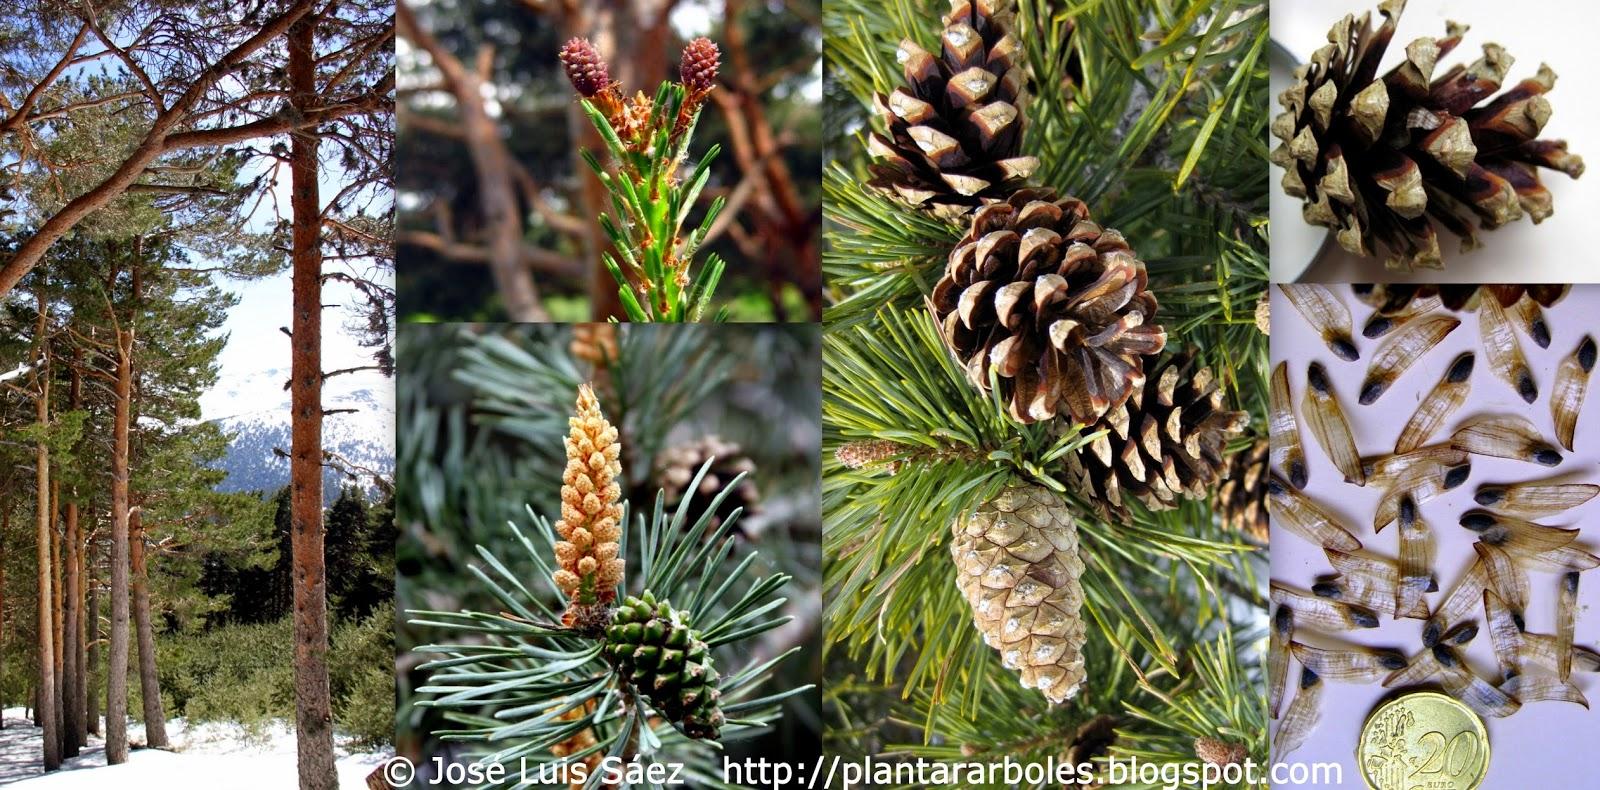 Plantar rboles y arbustos rboles aut ctonos de espa a for Arboles con sus nombres y caracteristicas